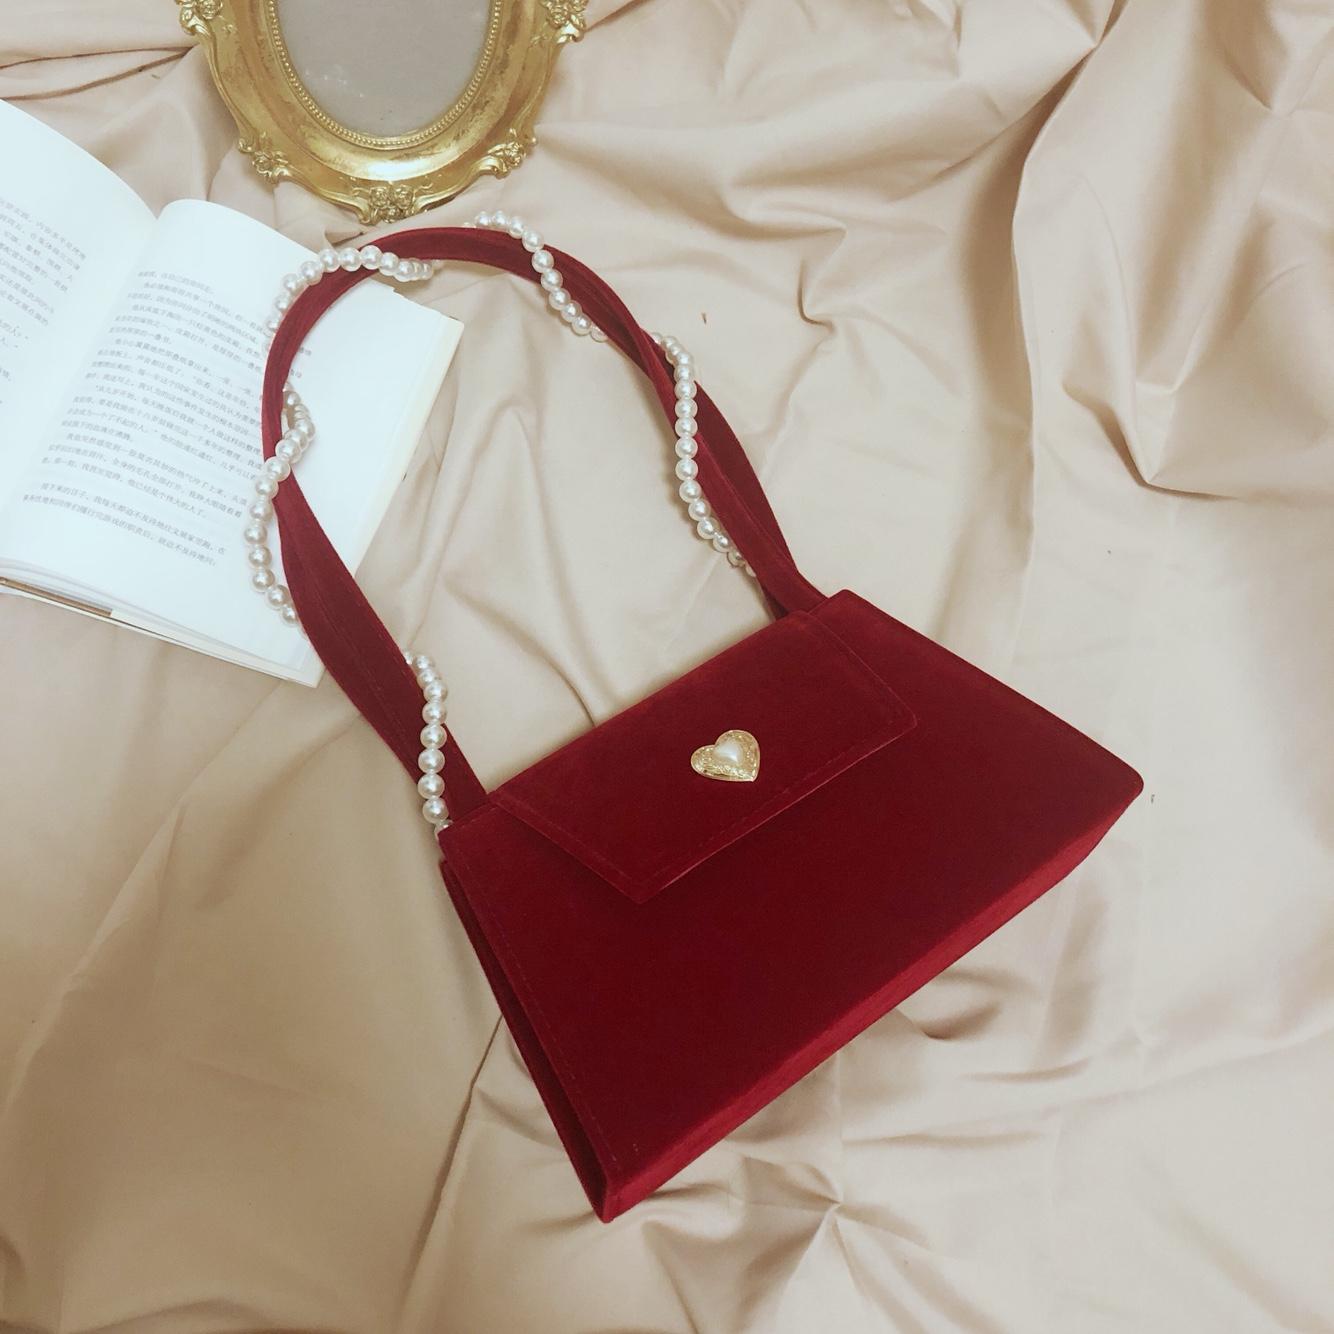 红色复古包 法式复古简约红色丝绒面爱心新娘婚礼结婚包珍珠手提斜挎晚宴女包_推荐淘宝好看的红色复古包